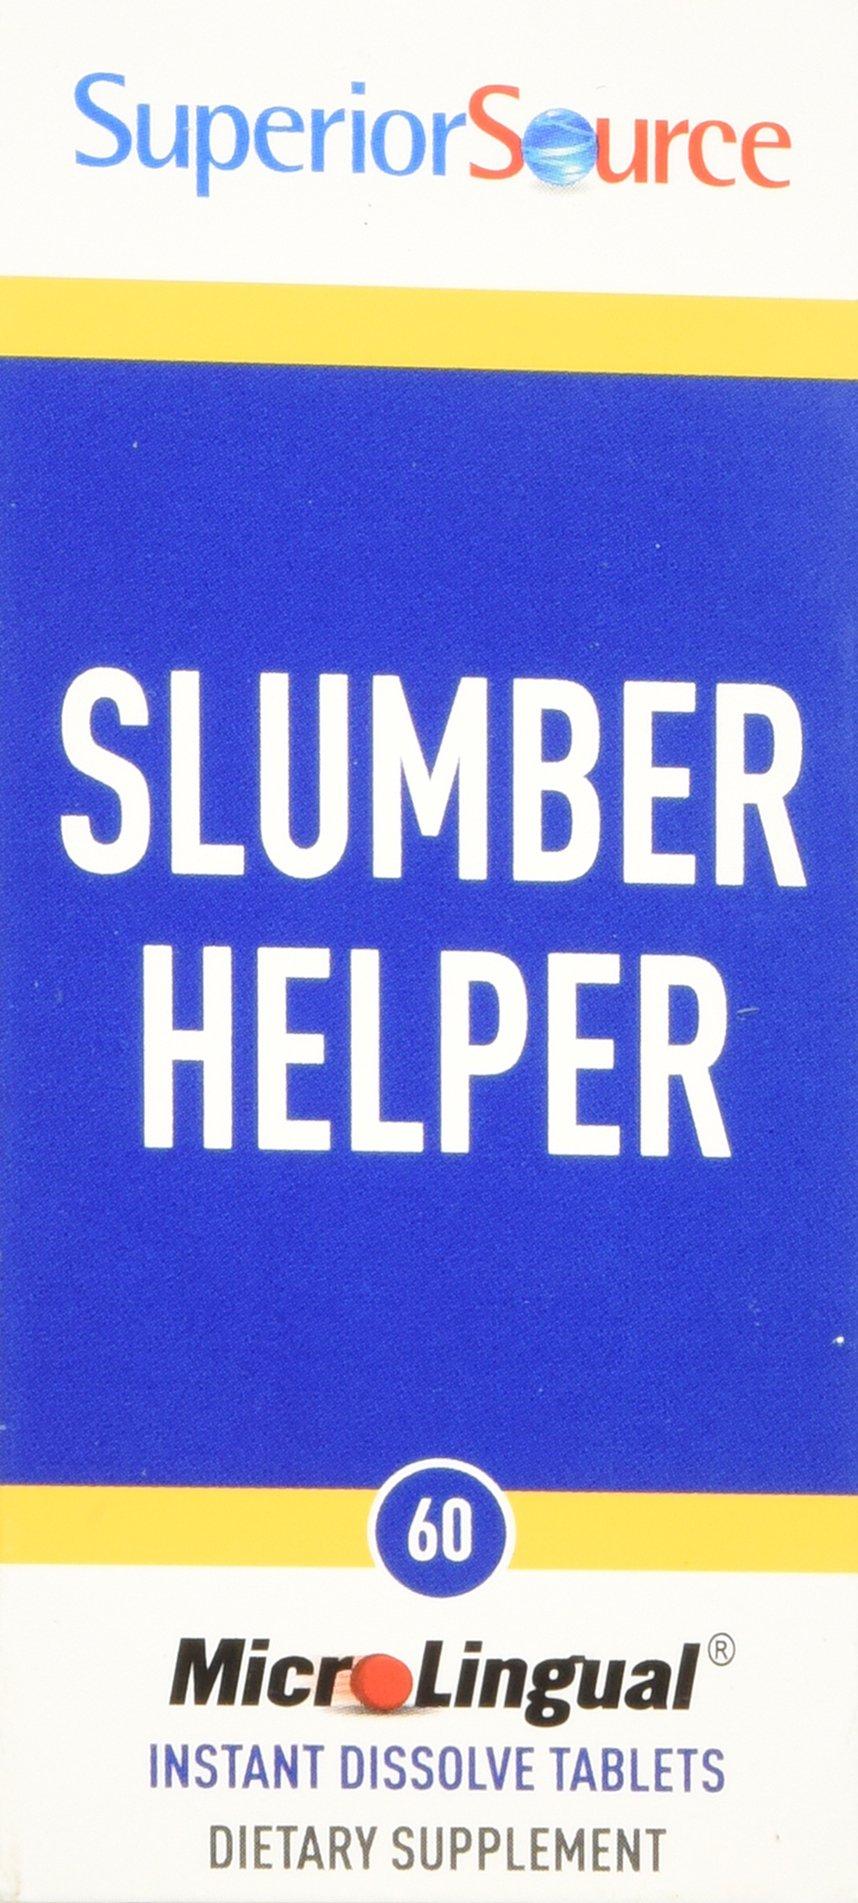 Superior Source Slumber Helper Nutritional Supplements, 60 Count